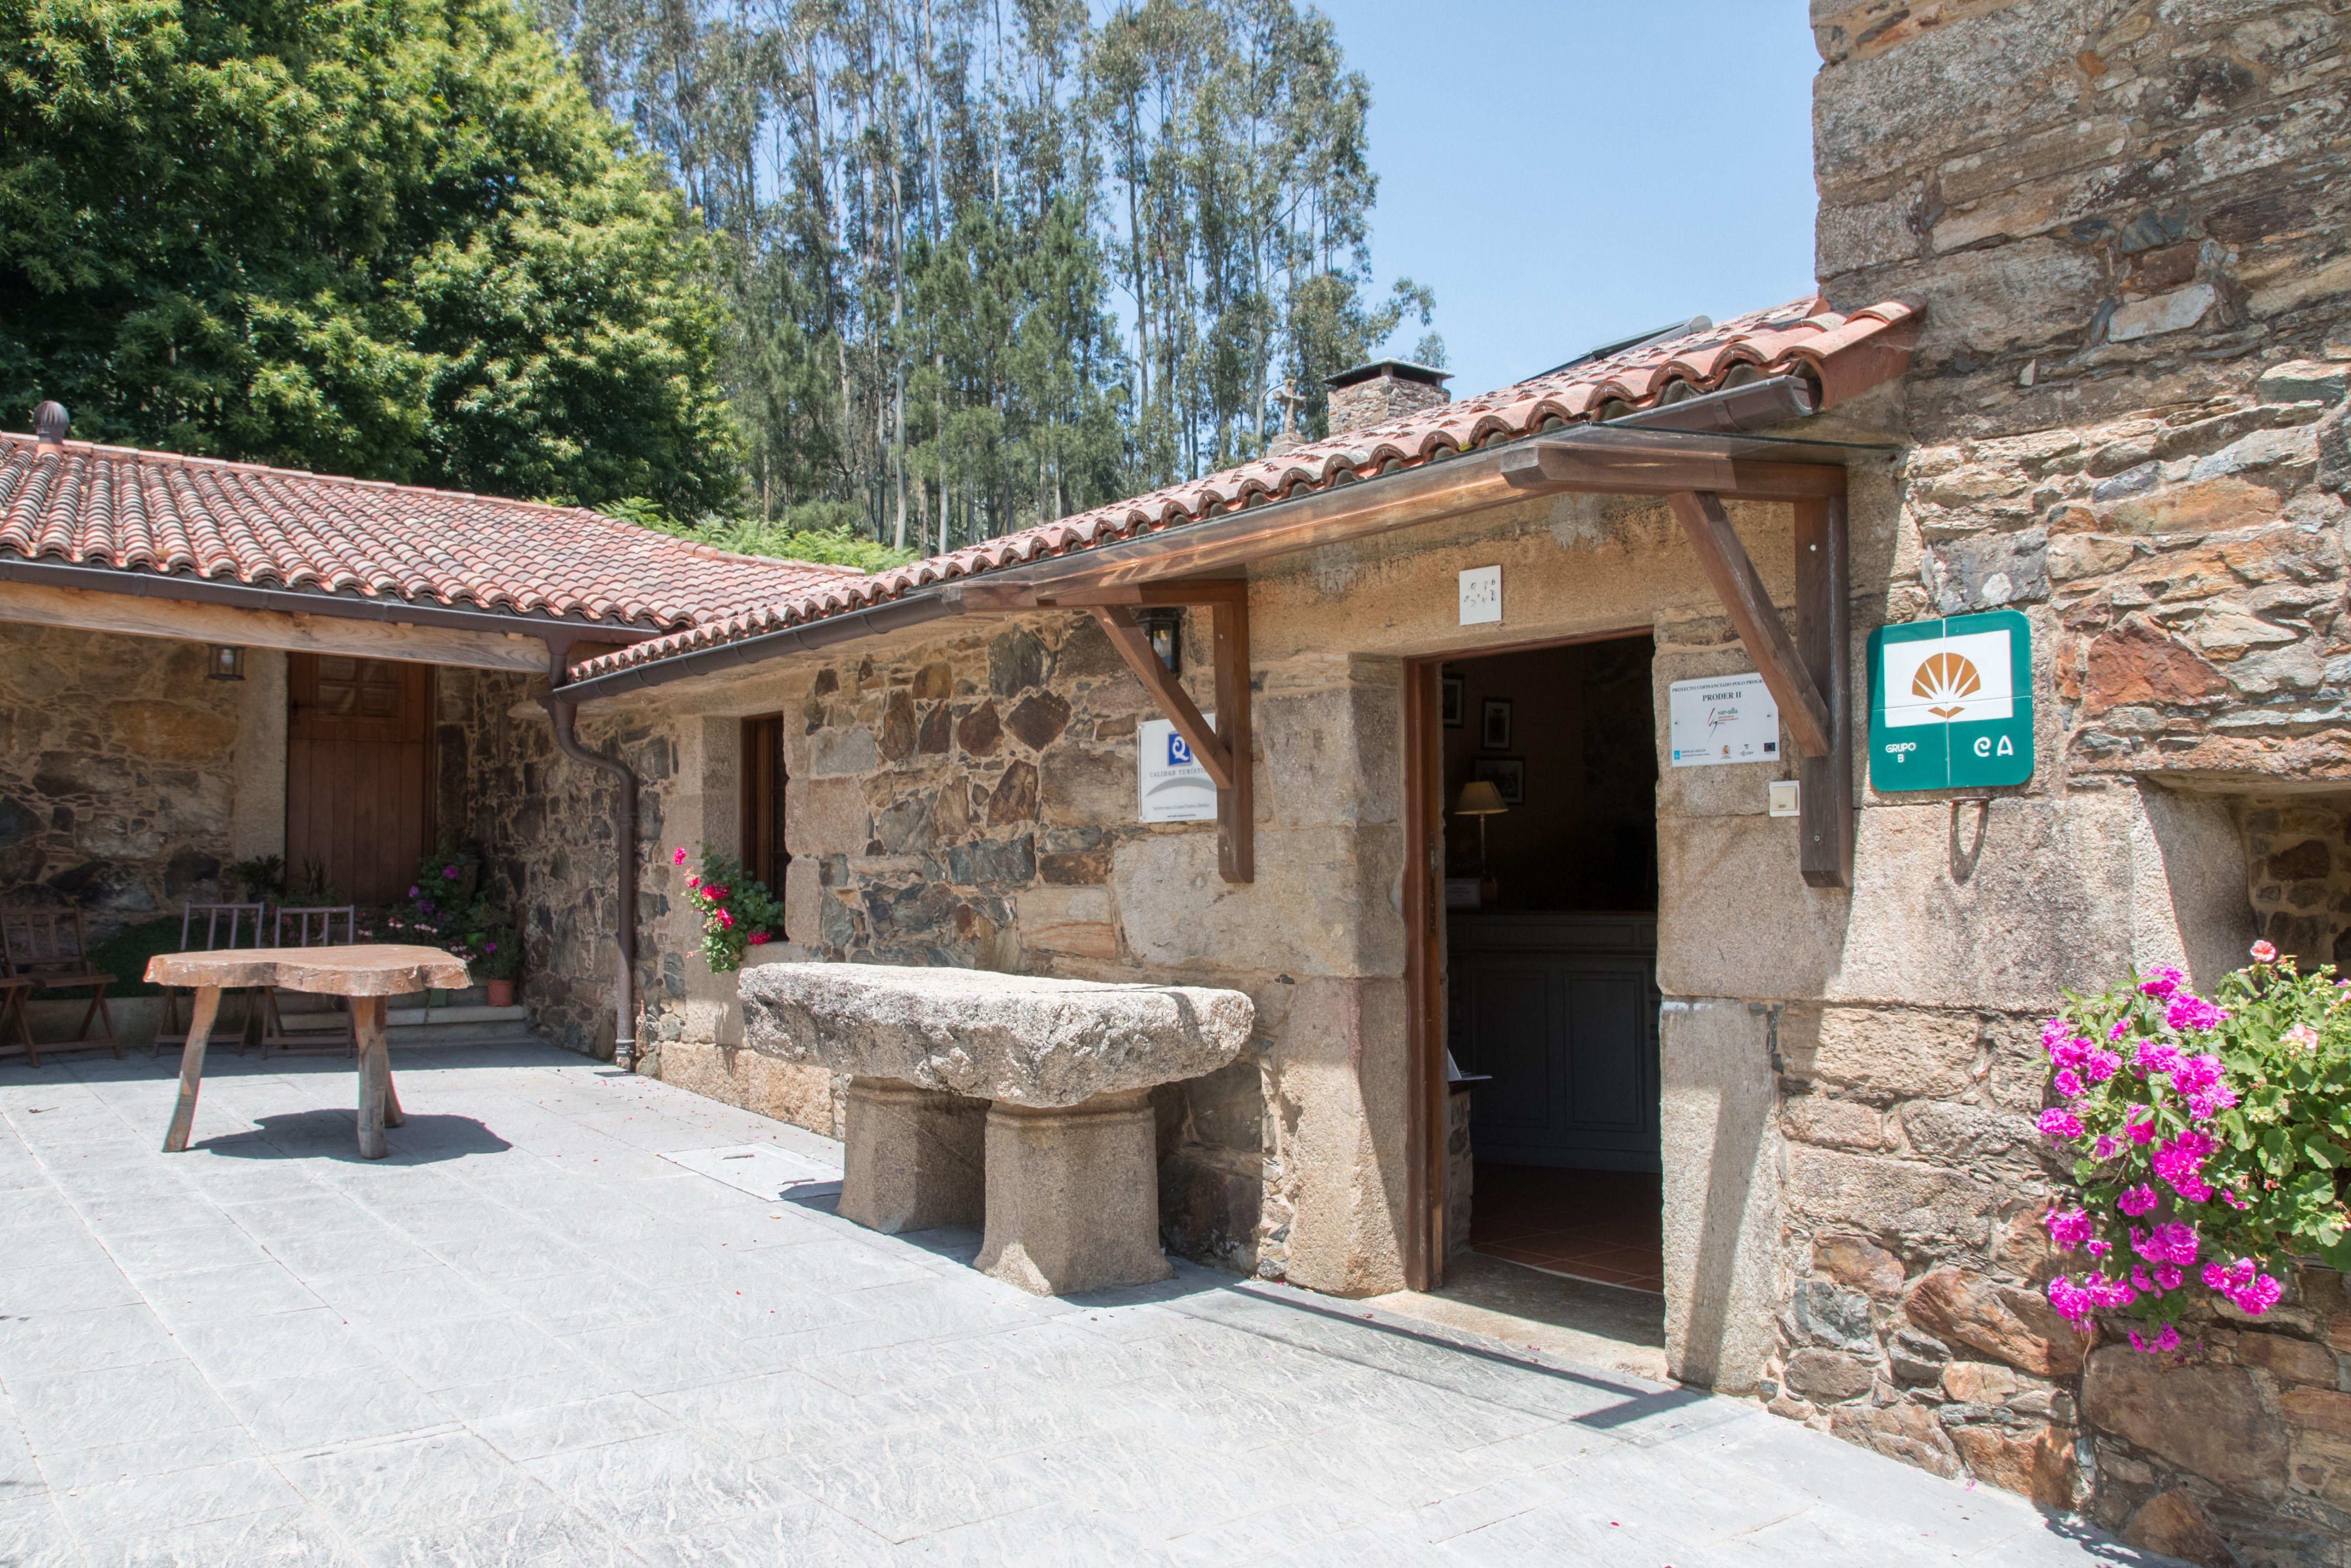 Foto 3 de Casa rural en Santiago de Compostela | A Casa da Torre Branca